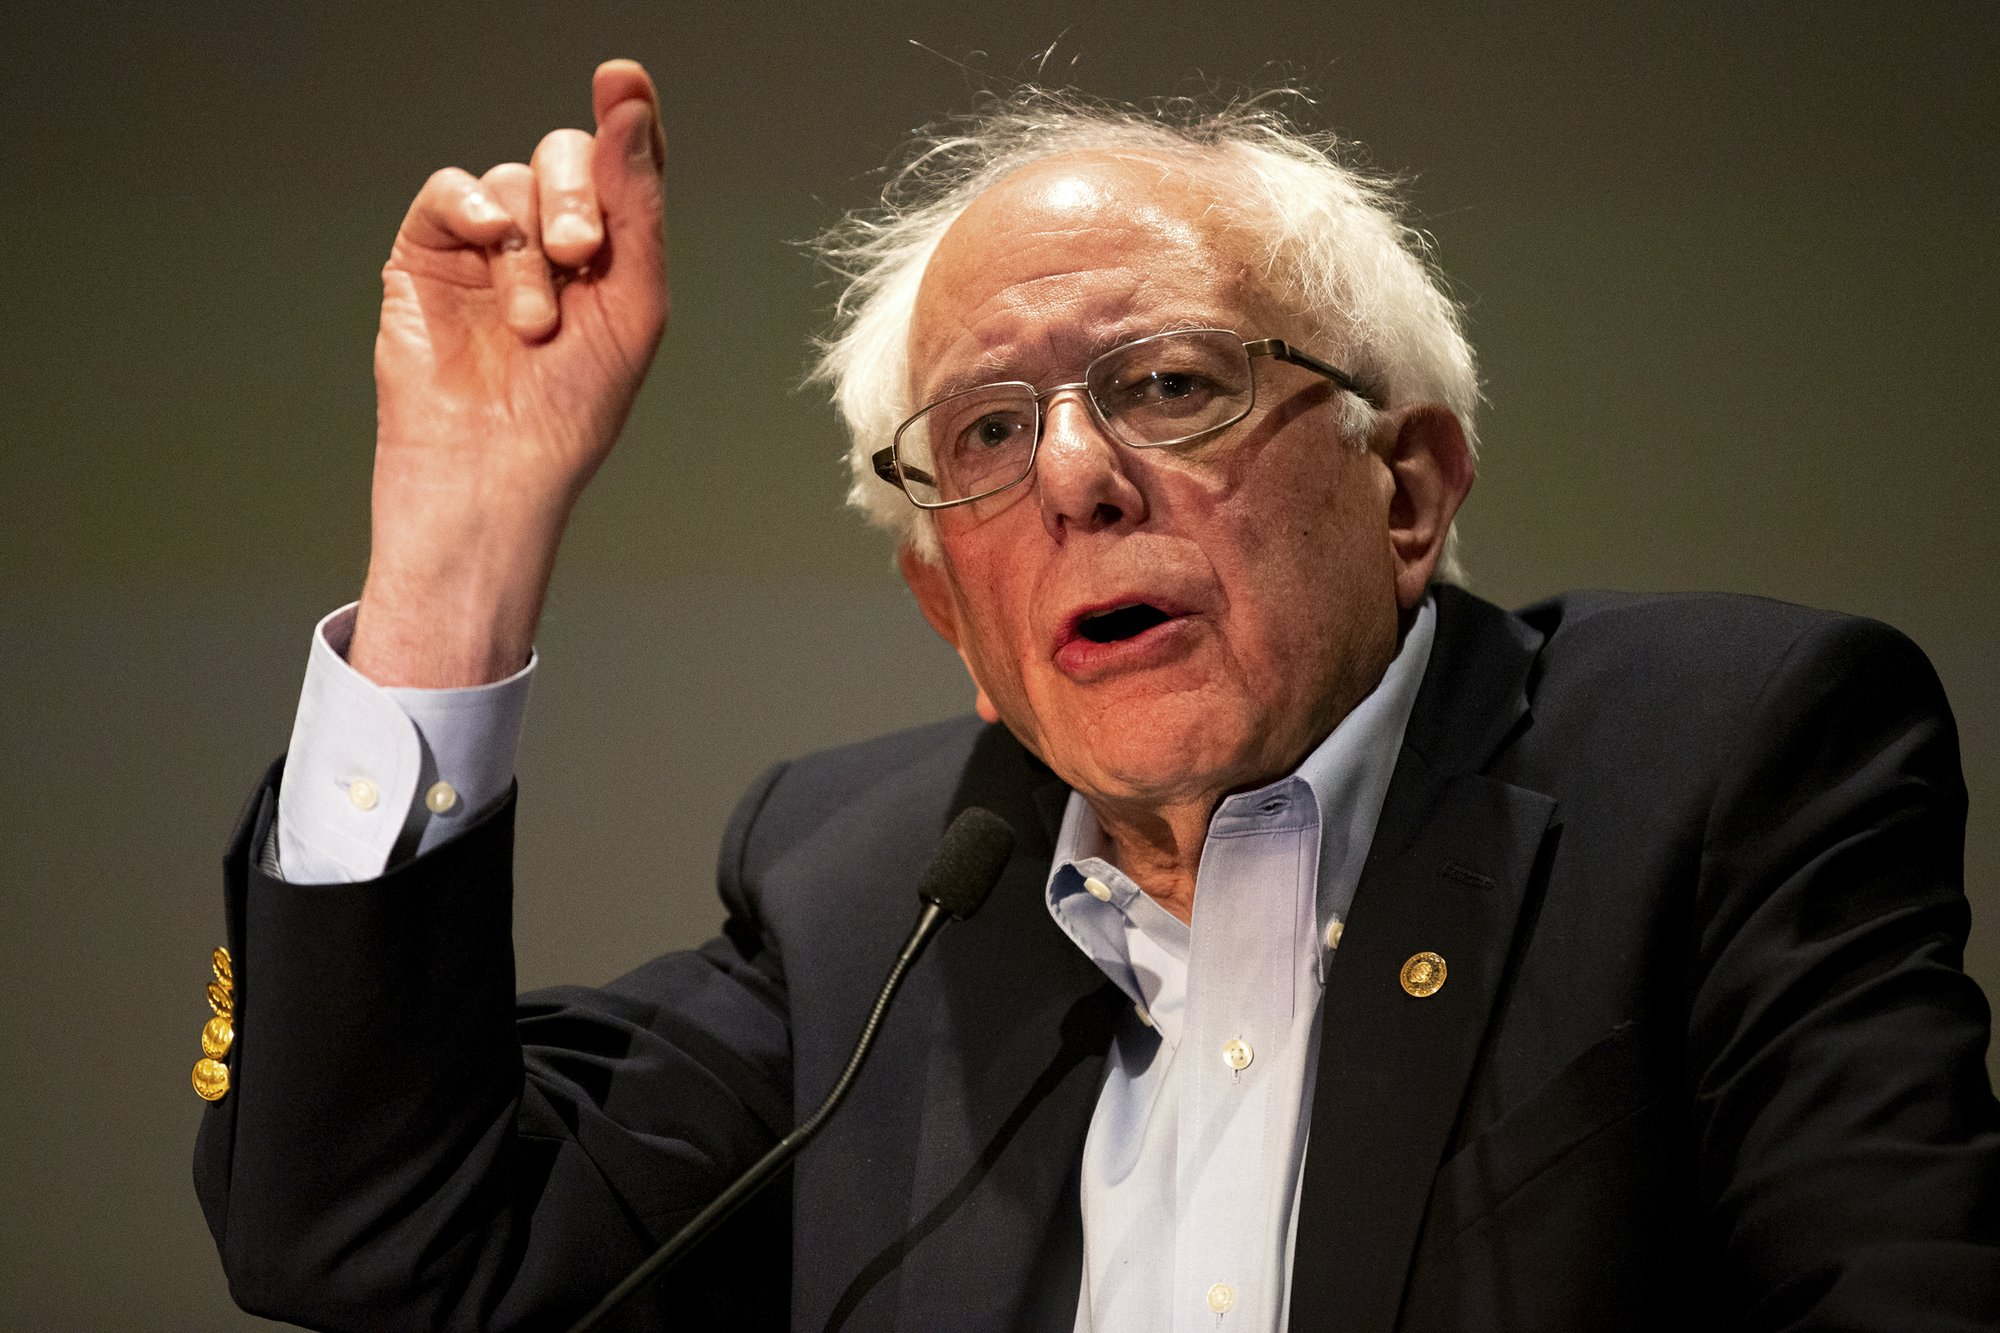 Bernie Sanders ap.jpeg